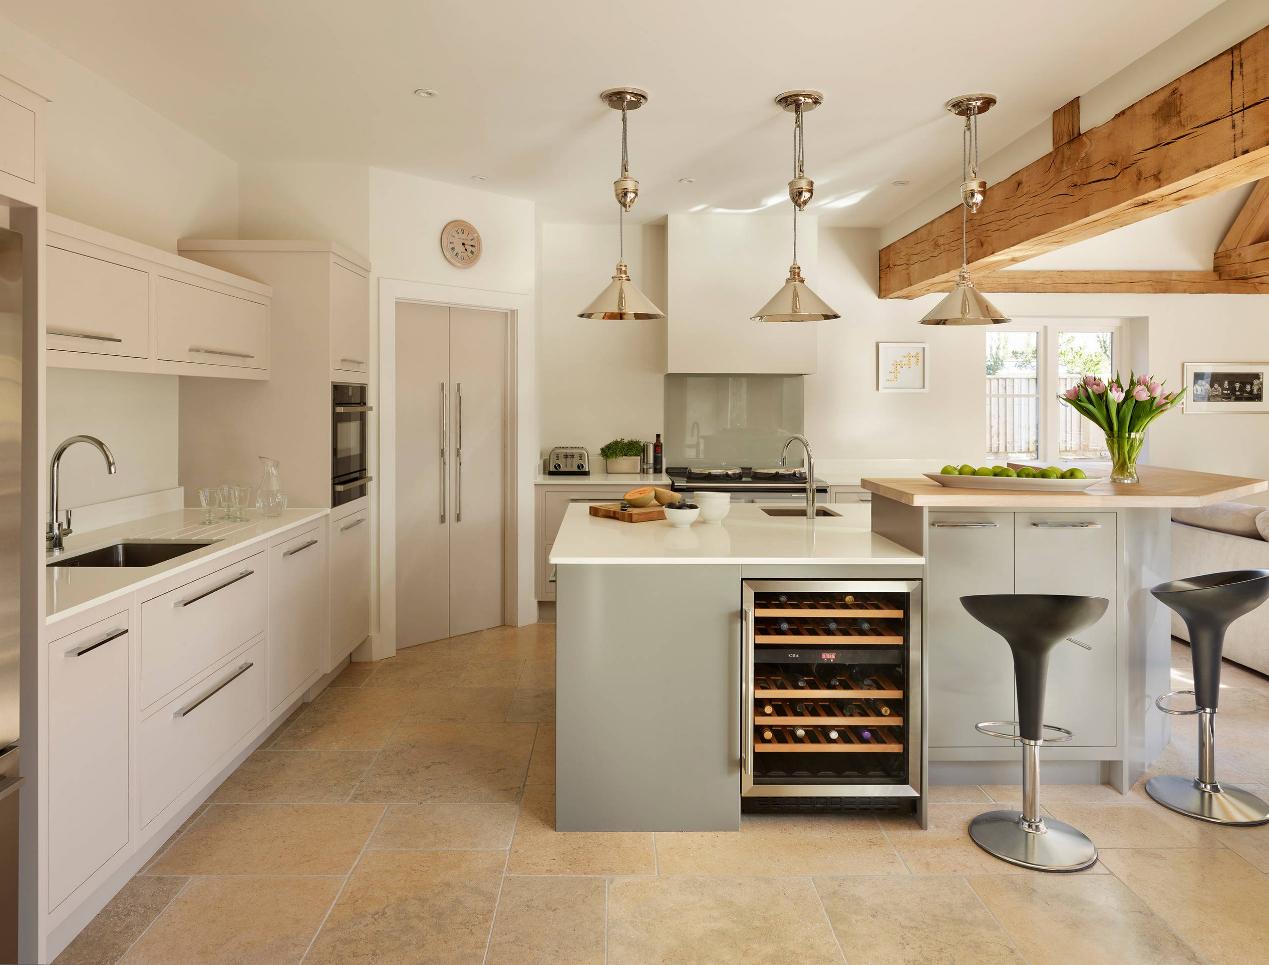 möchten sie eine elegante küche, dann wählen sie unsere quarzstein, Badezimmer ideen